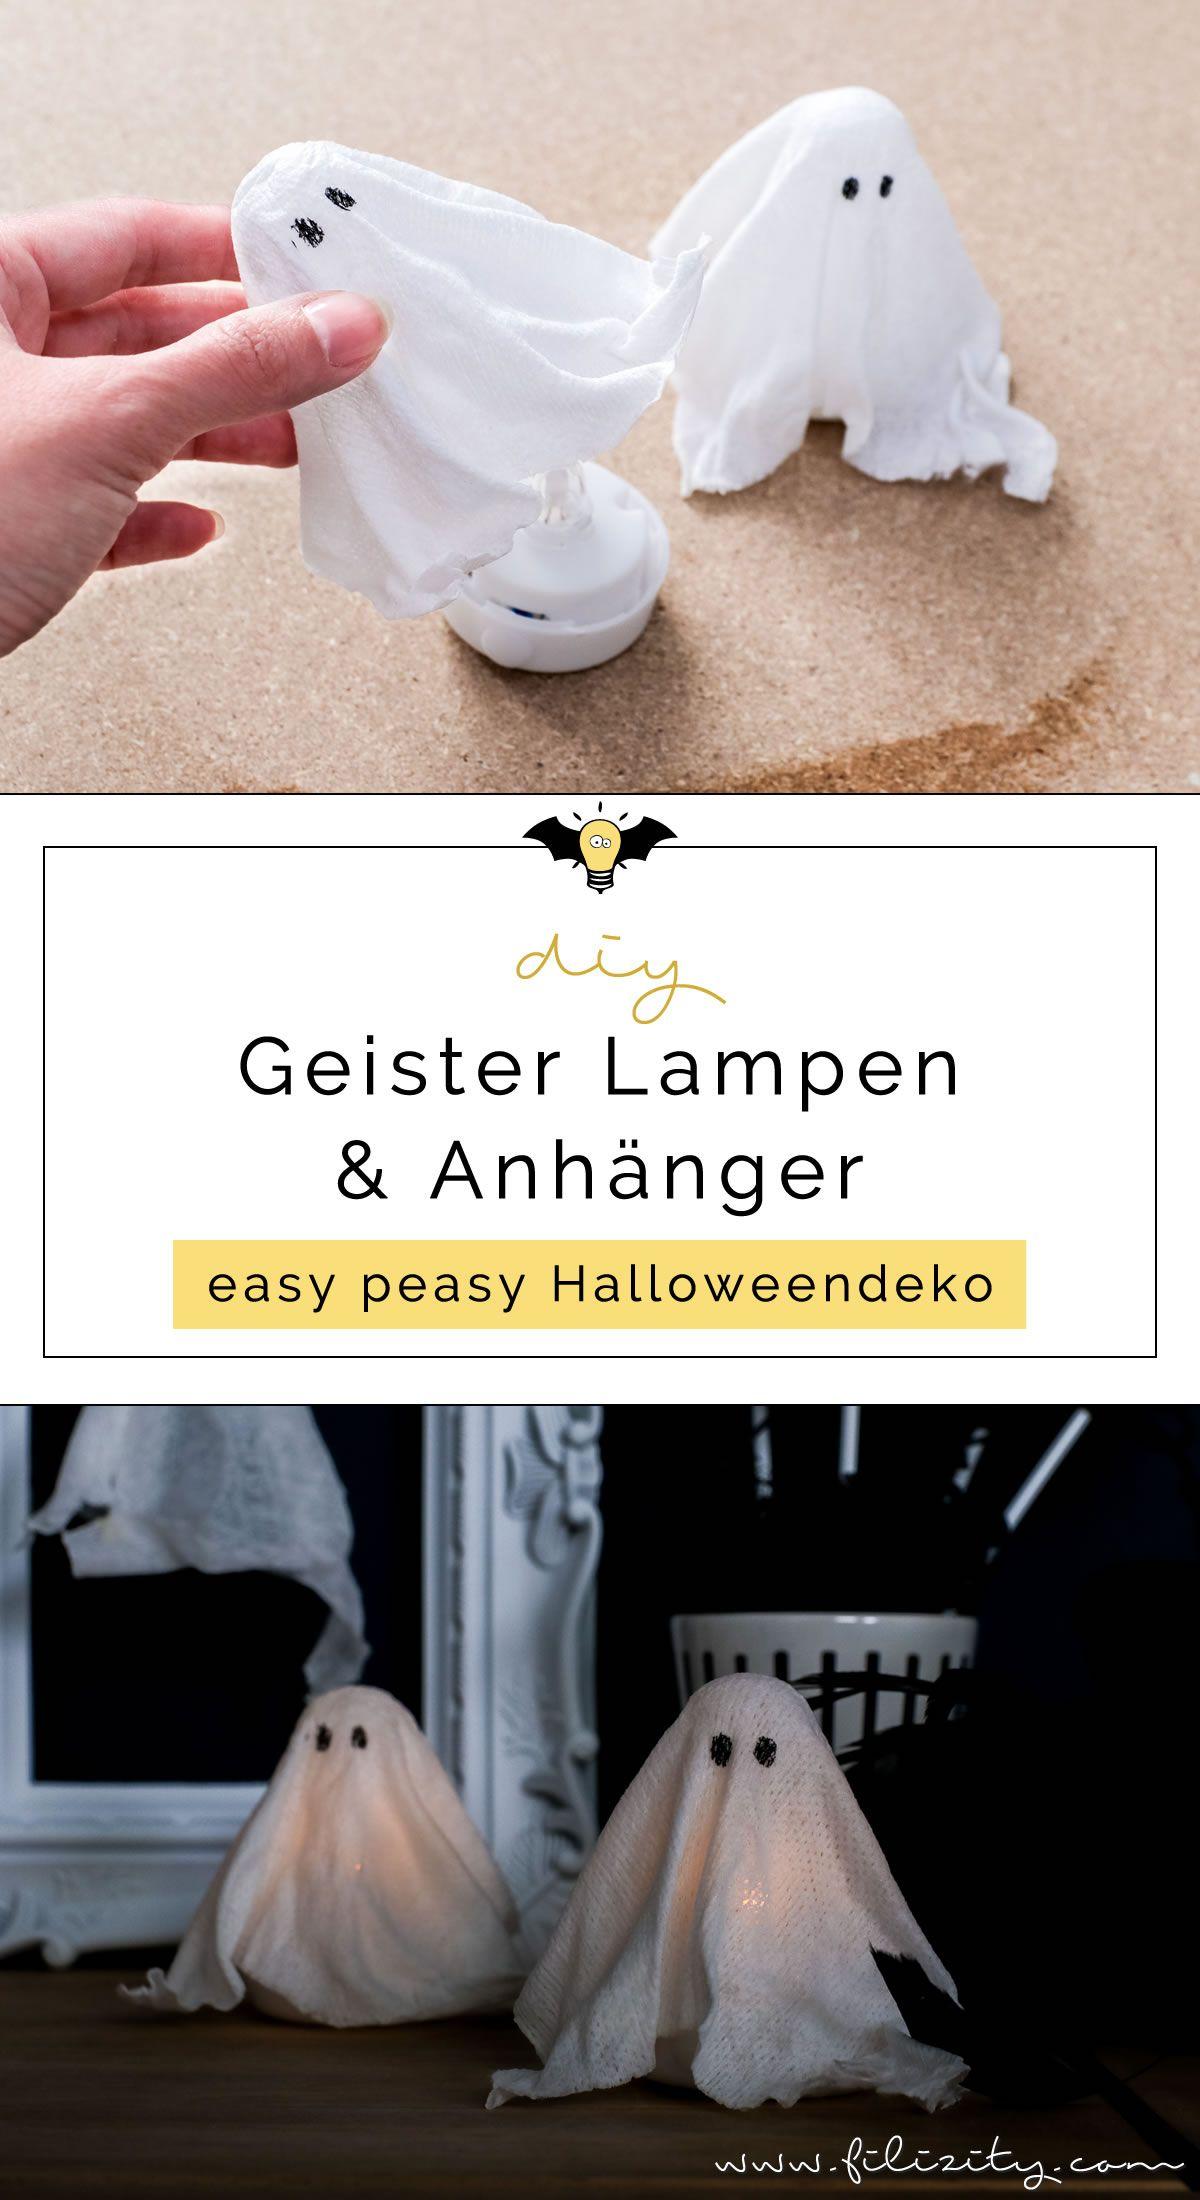 DIY Halloweendeko selber machen: Geister-Lampen und Geister-Anhänger   Filizity.com   Food-Blog aus dem Rheinland